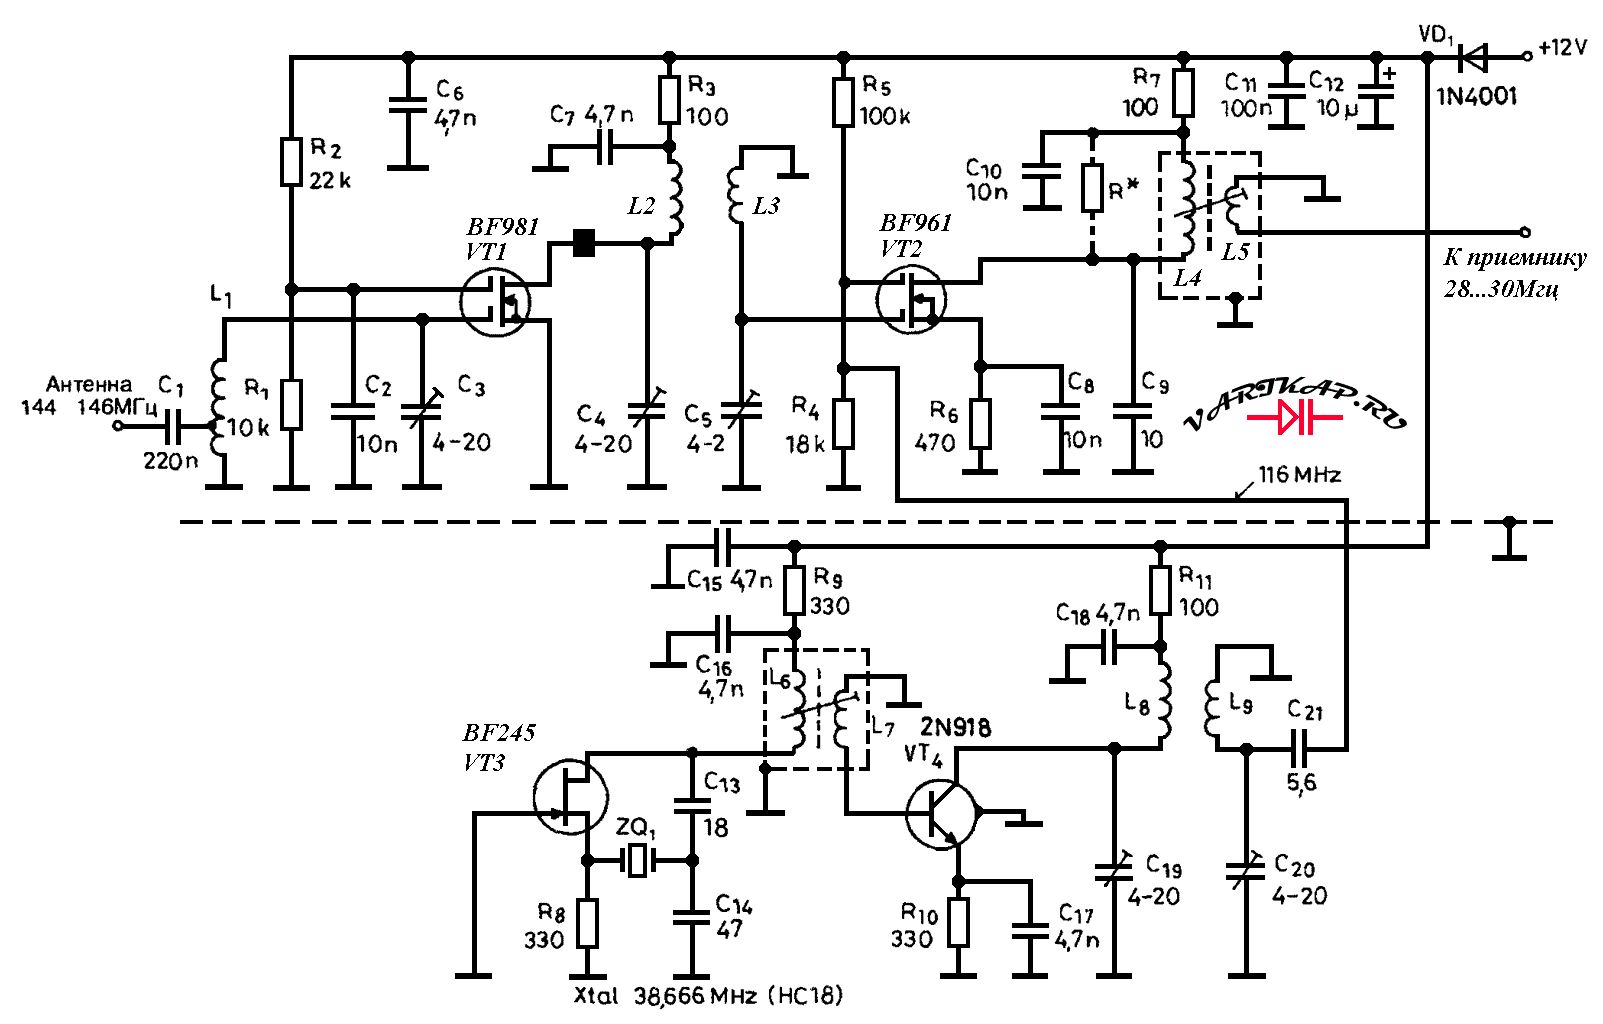 Конвертер диапазона 144…146Мгц